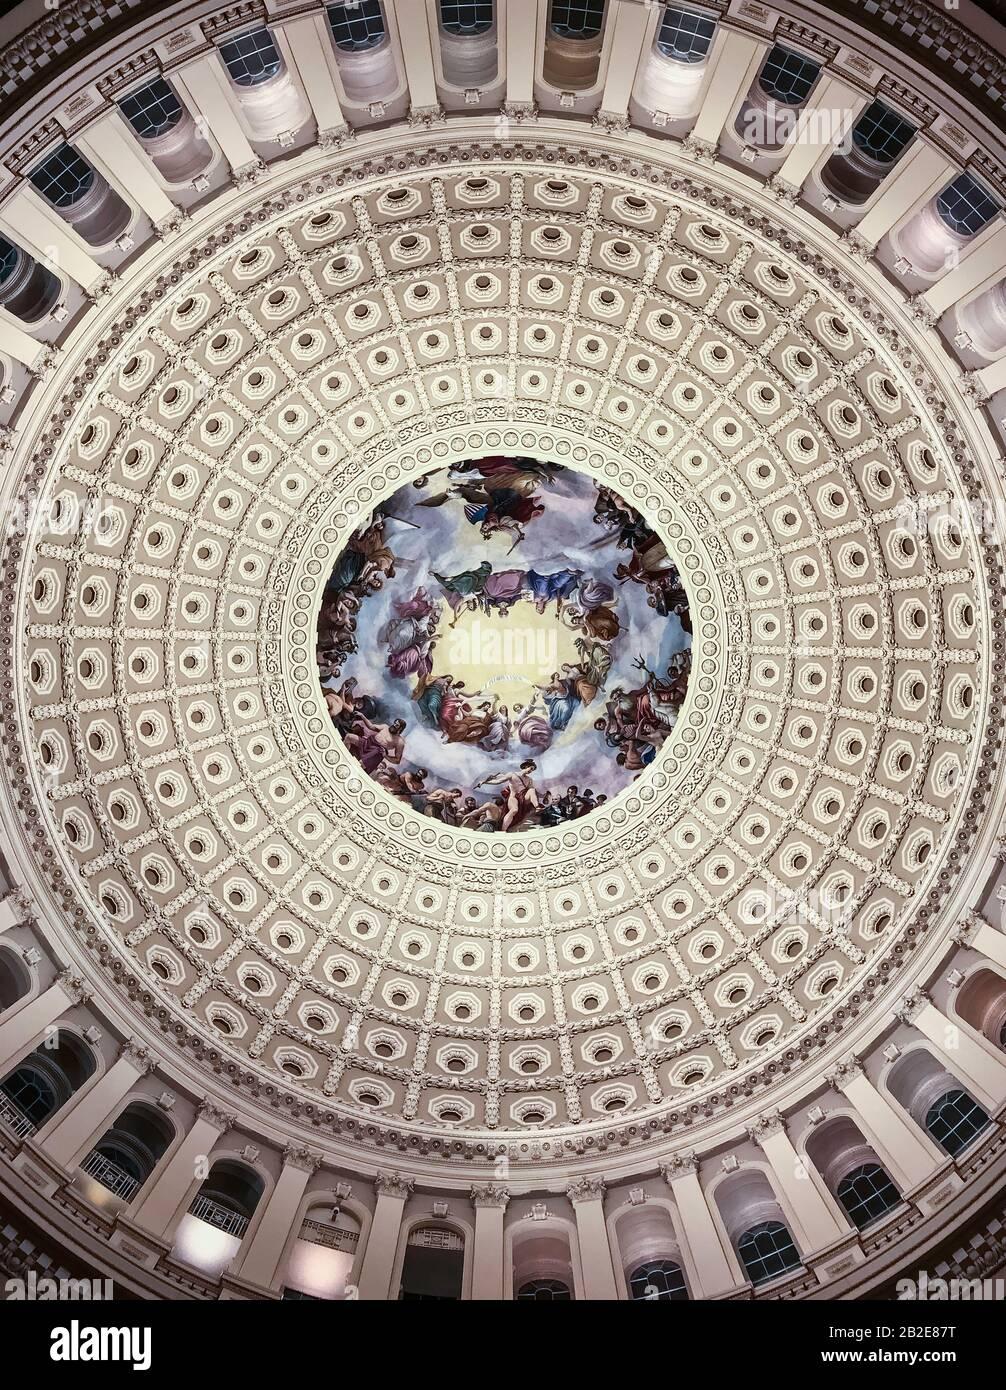 Vue sur l'intérieur du dôme du Capitole des États-Unis depuis le centre de la rotonde la nuit, couleur Banque D'Images